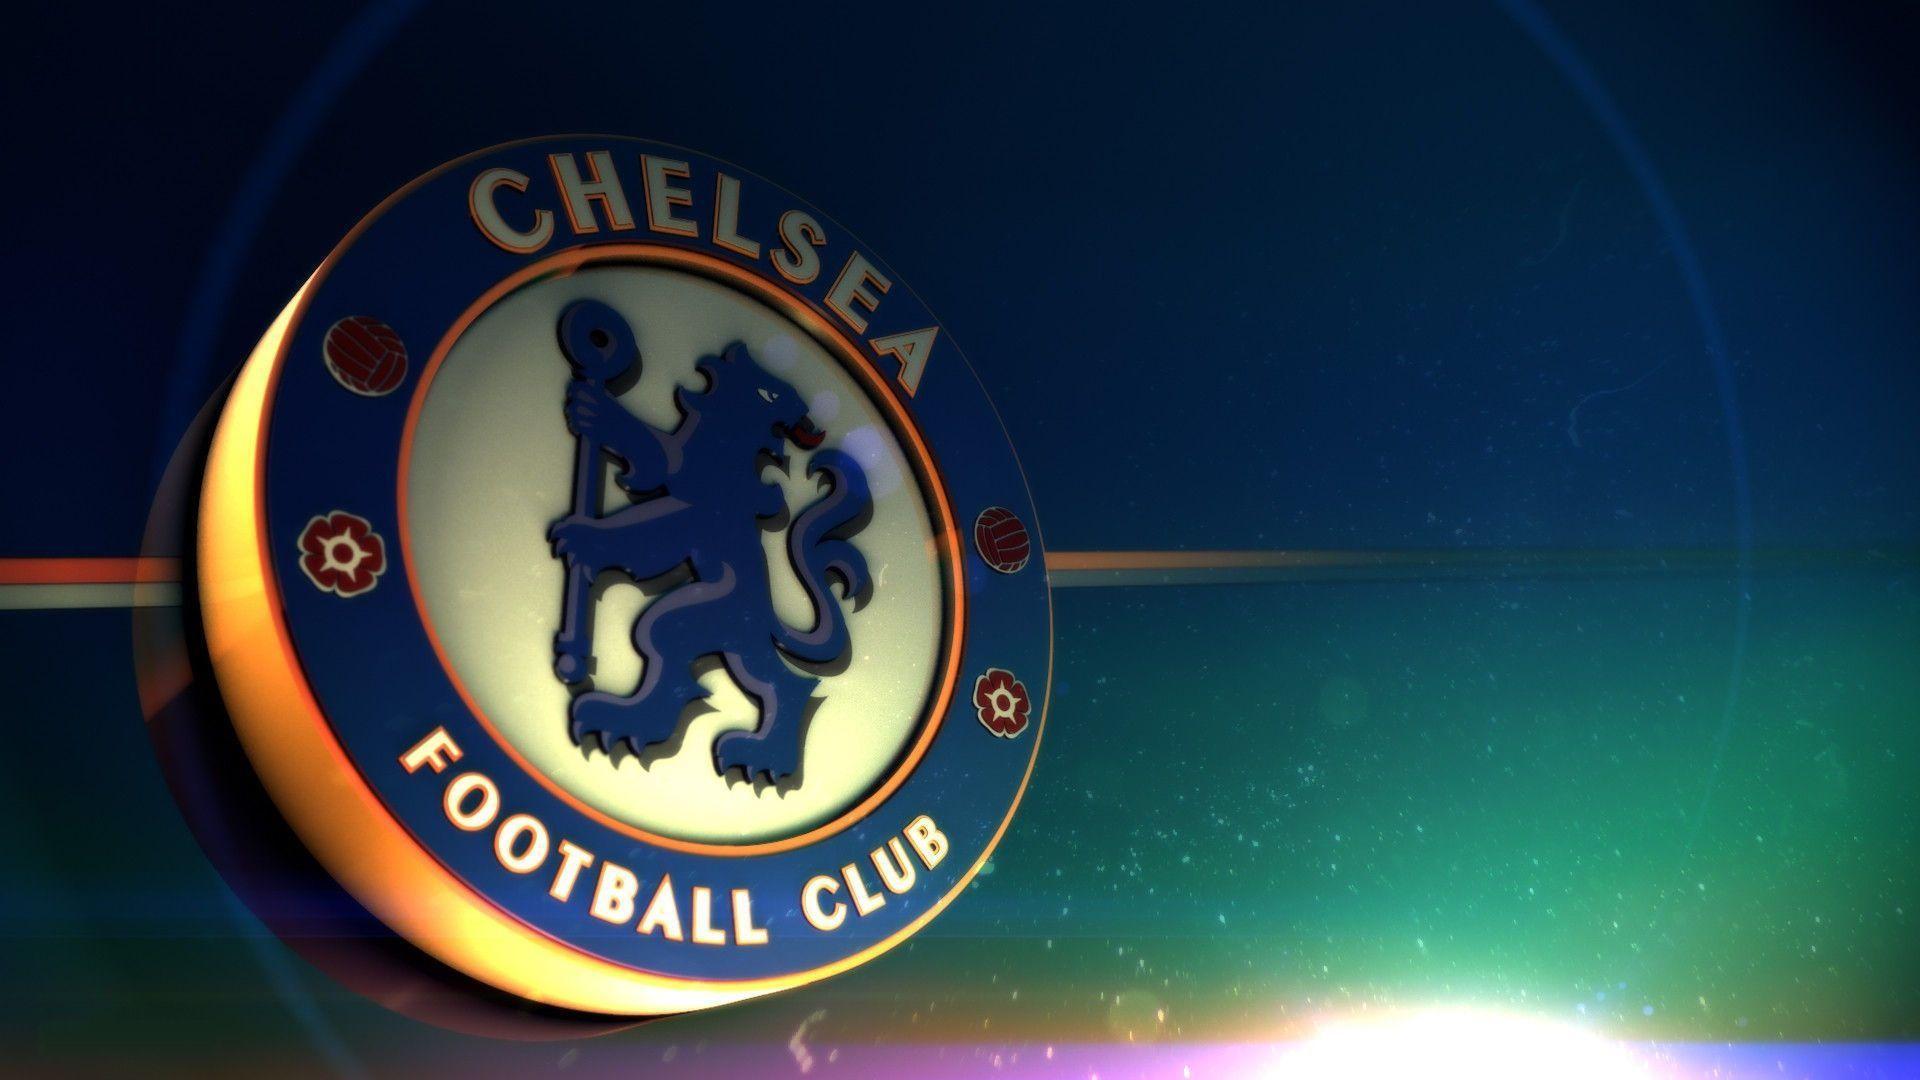 Download Gambar Chelsea Fc Iphone 7 Wallpaper Terbaru